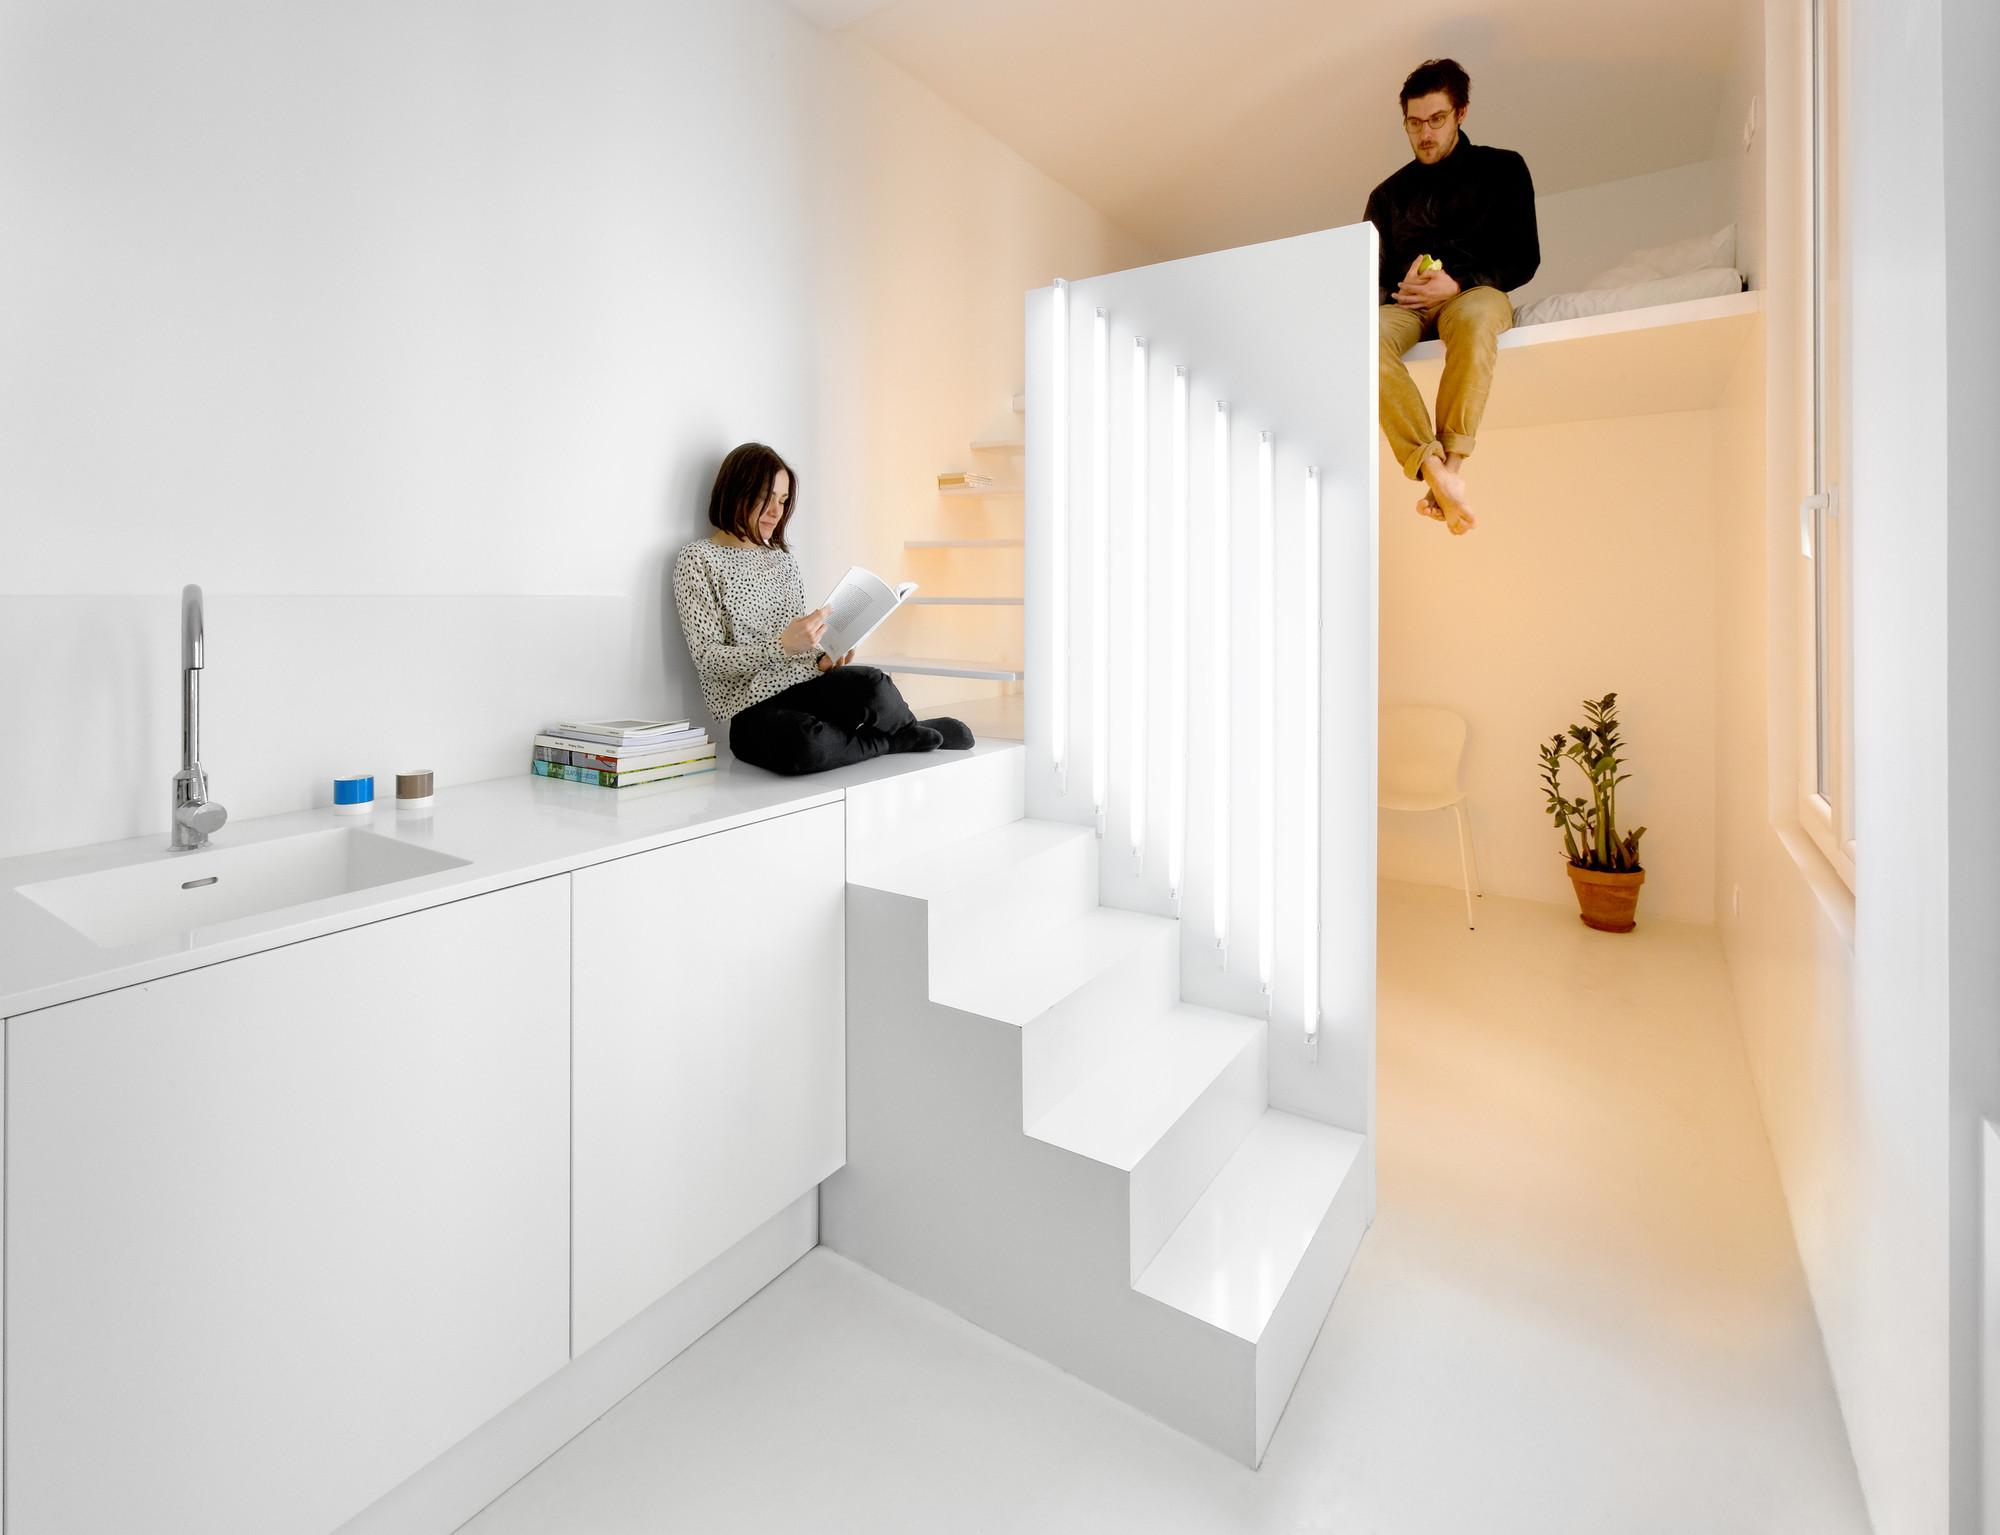 Appartement Spectral / BETILLON / DORVAL‐BORY, © BETILLON / DORVAL‐BORY